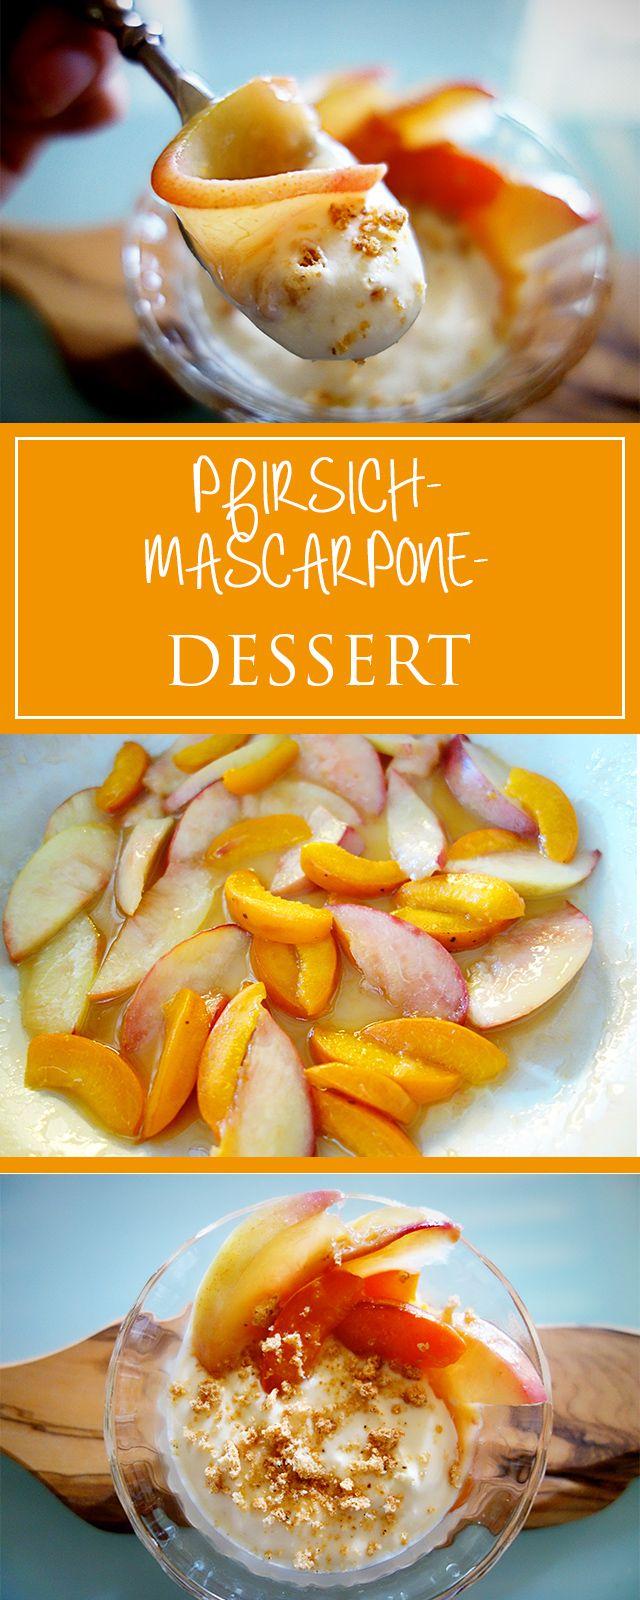 Pfirsich-Mascarpone-Dessert - ein cremiges, fruchtiges & absolut einfaches Rezept für eine (glutenfreie) Sünde, die es wert ist! 🍊❤️ | cucina-con-amore.de